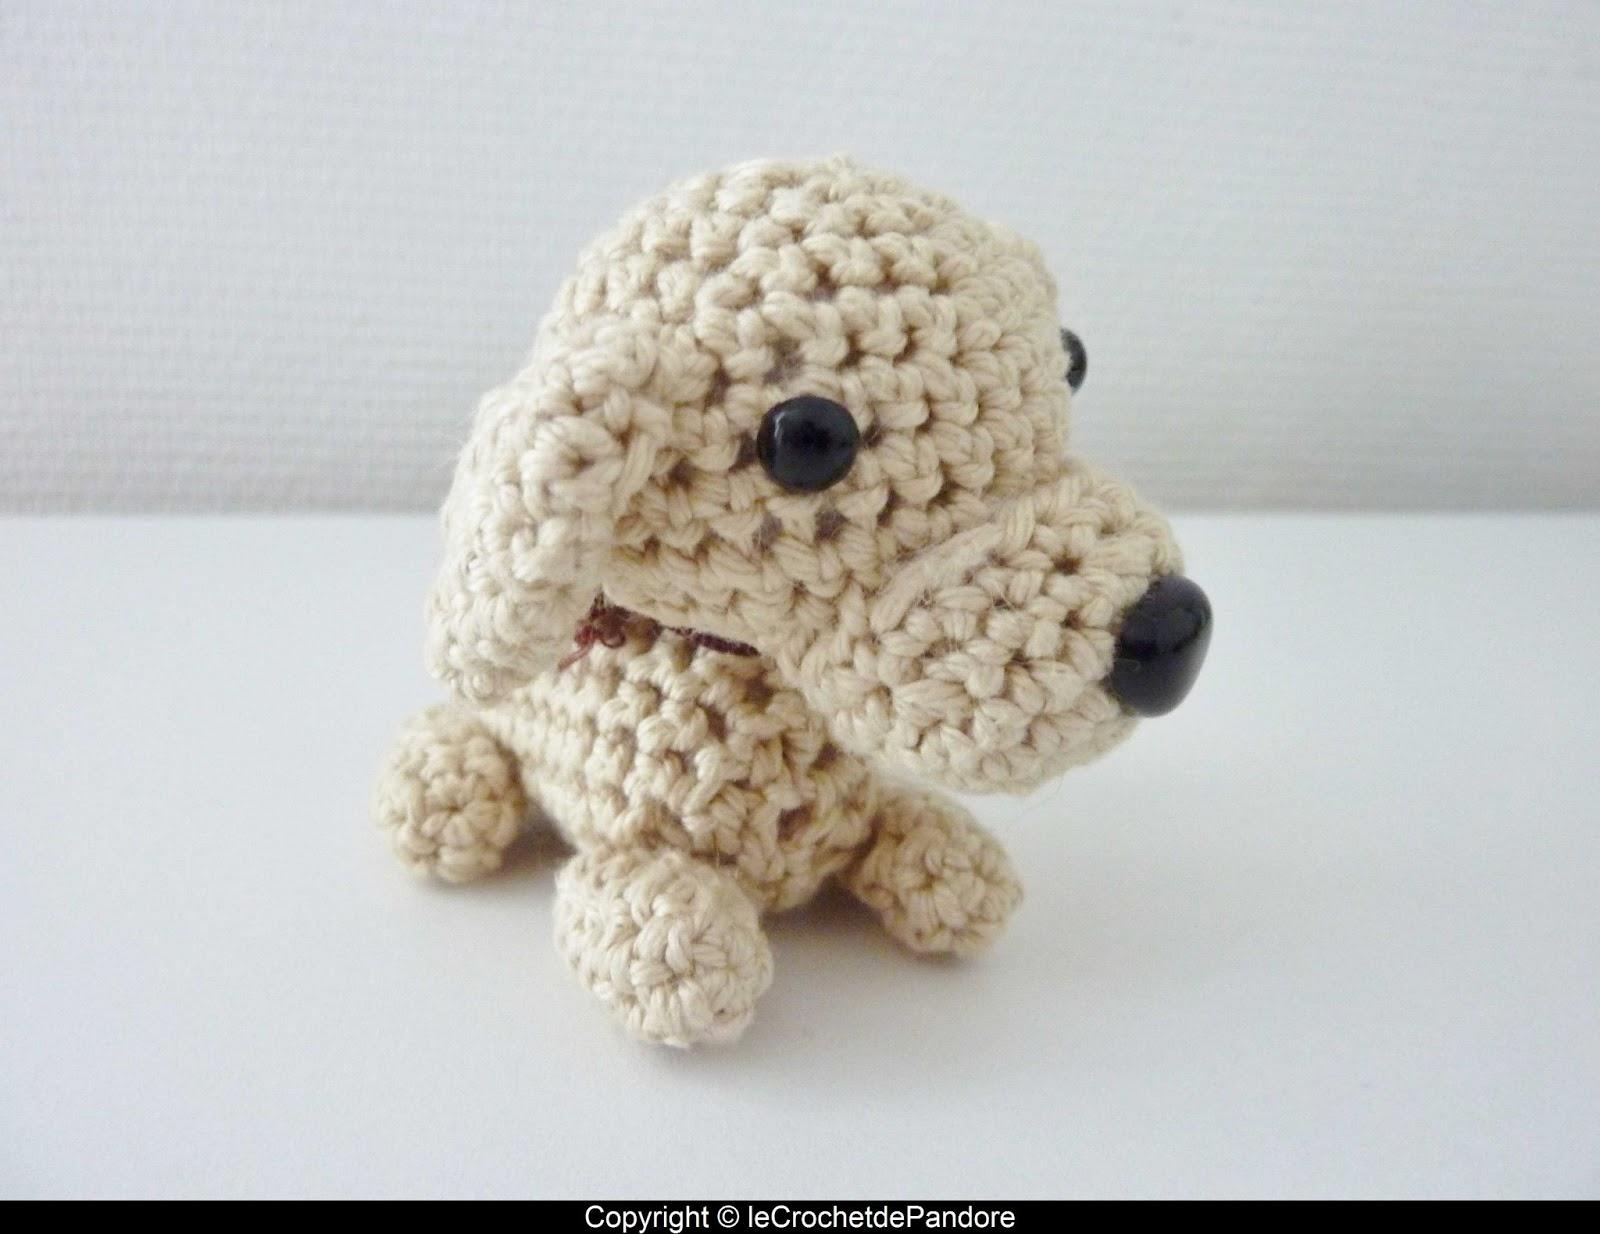 Le crochet de pandore mon premier amigurumi un petit chien - Petit chien gratuit ...